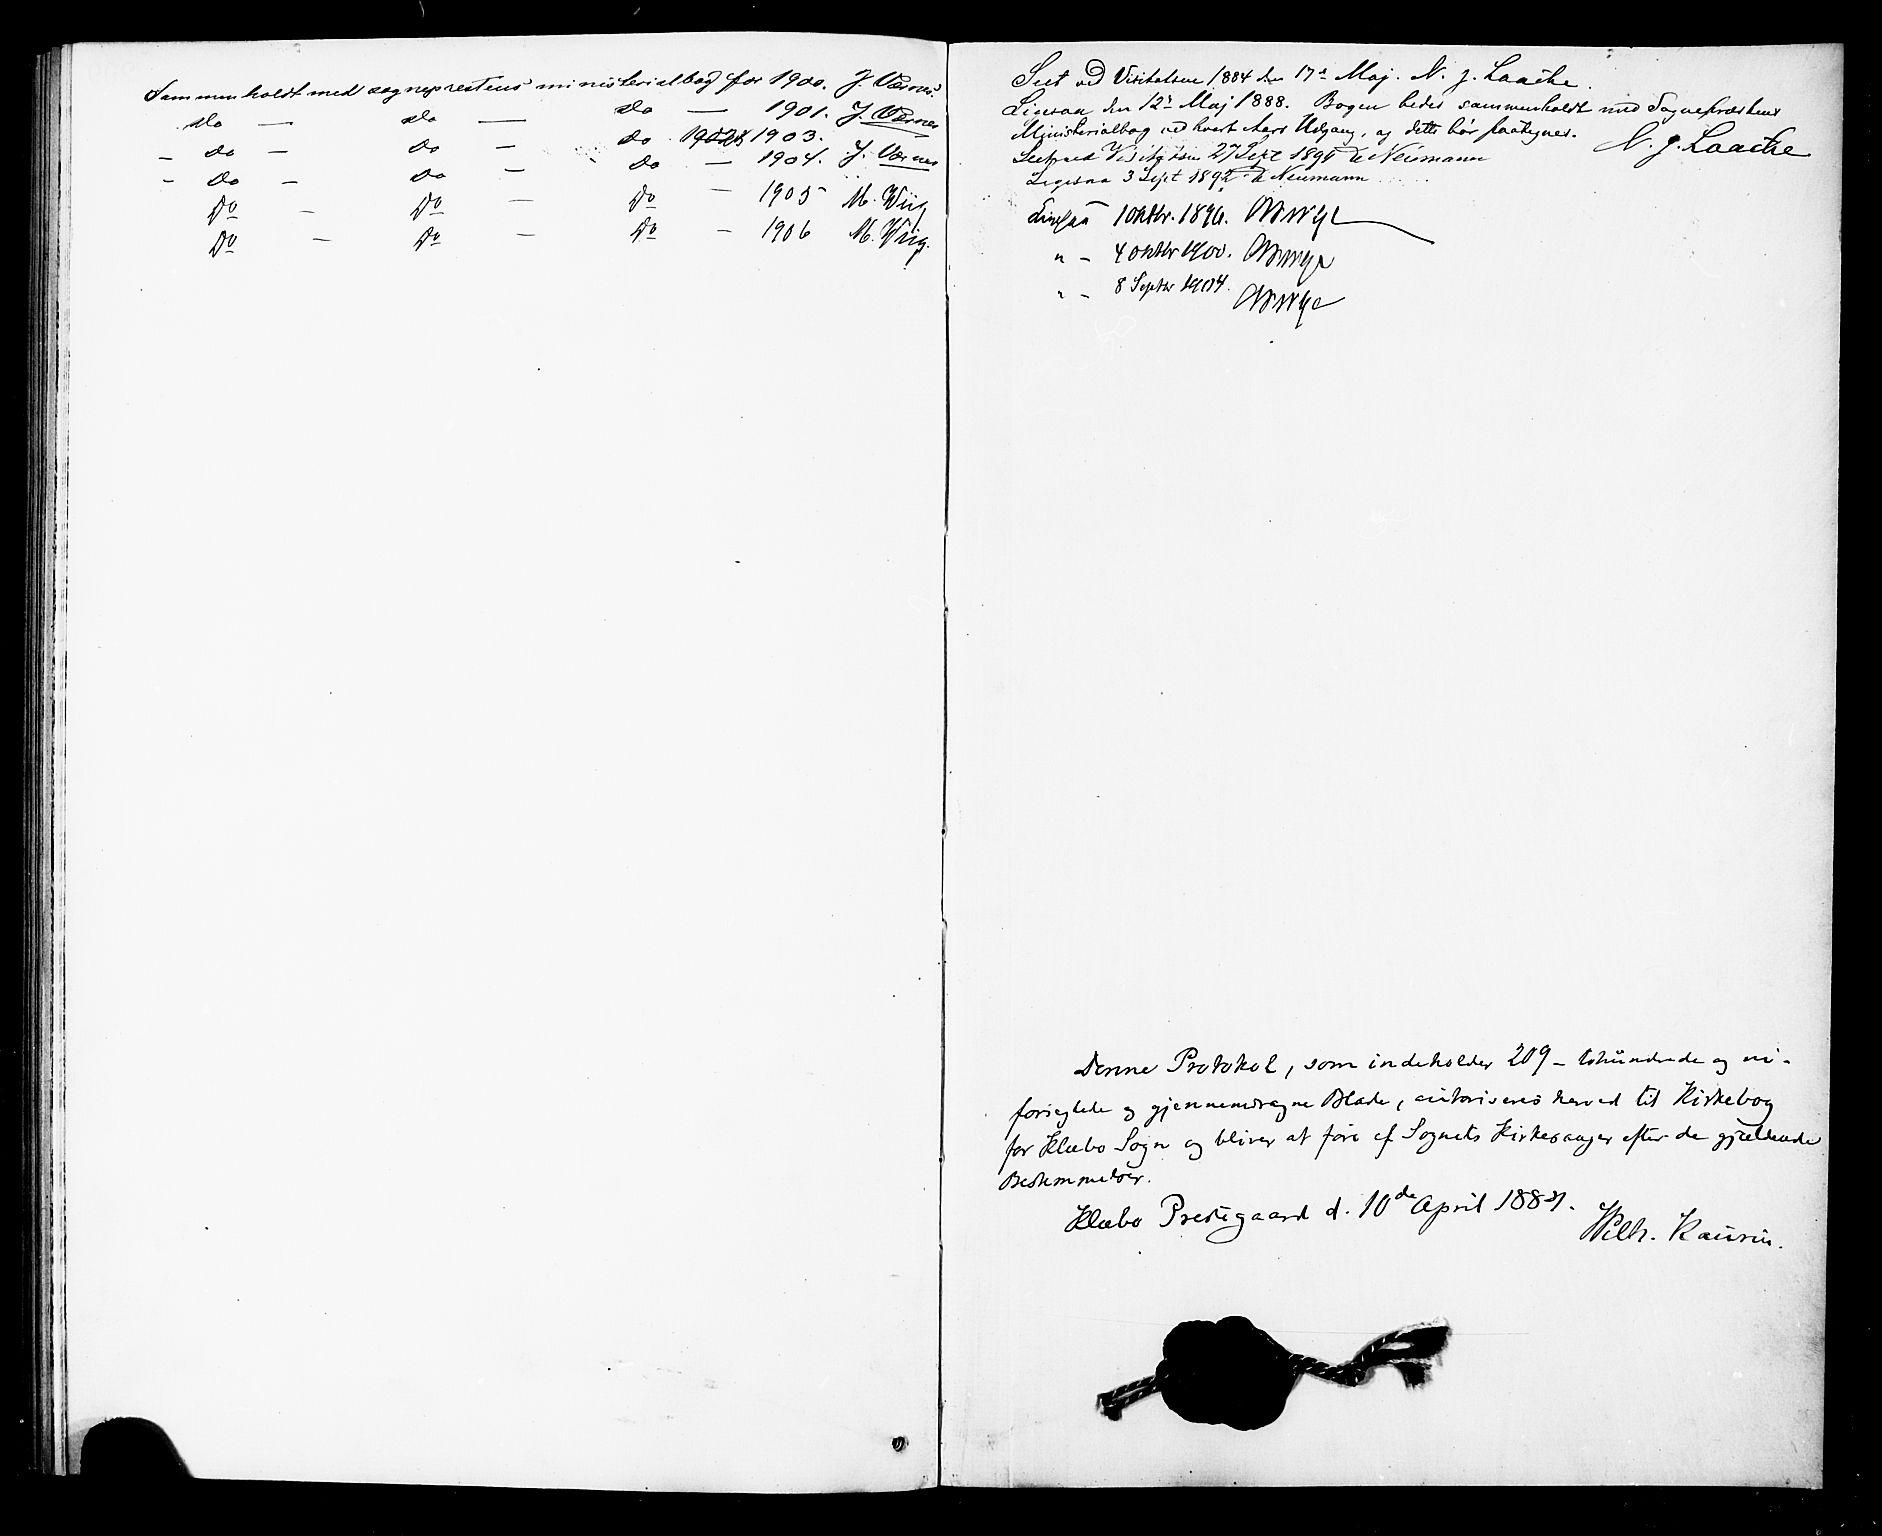 SAT, Ministerialprotokoller, klokkerbøker og fødselsregistre - Sør-Trøndelag, 618/L0452: Klokkerbok nr. 618C03, 1884-1906